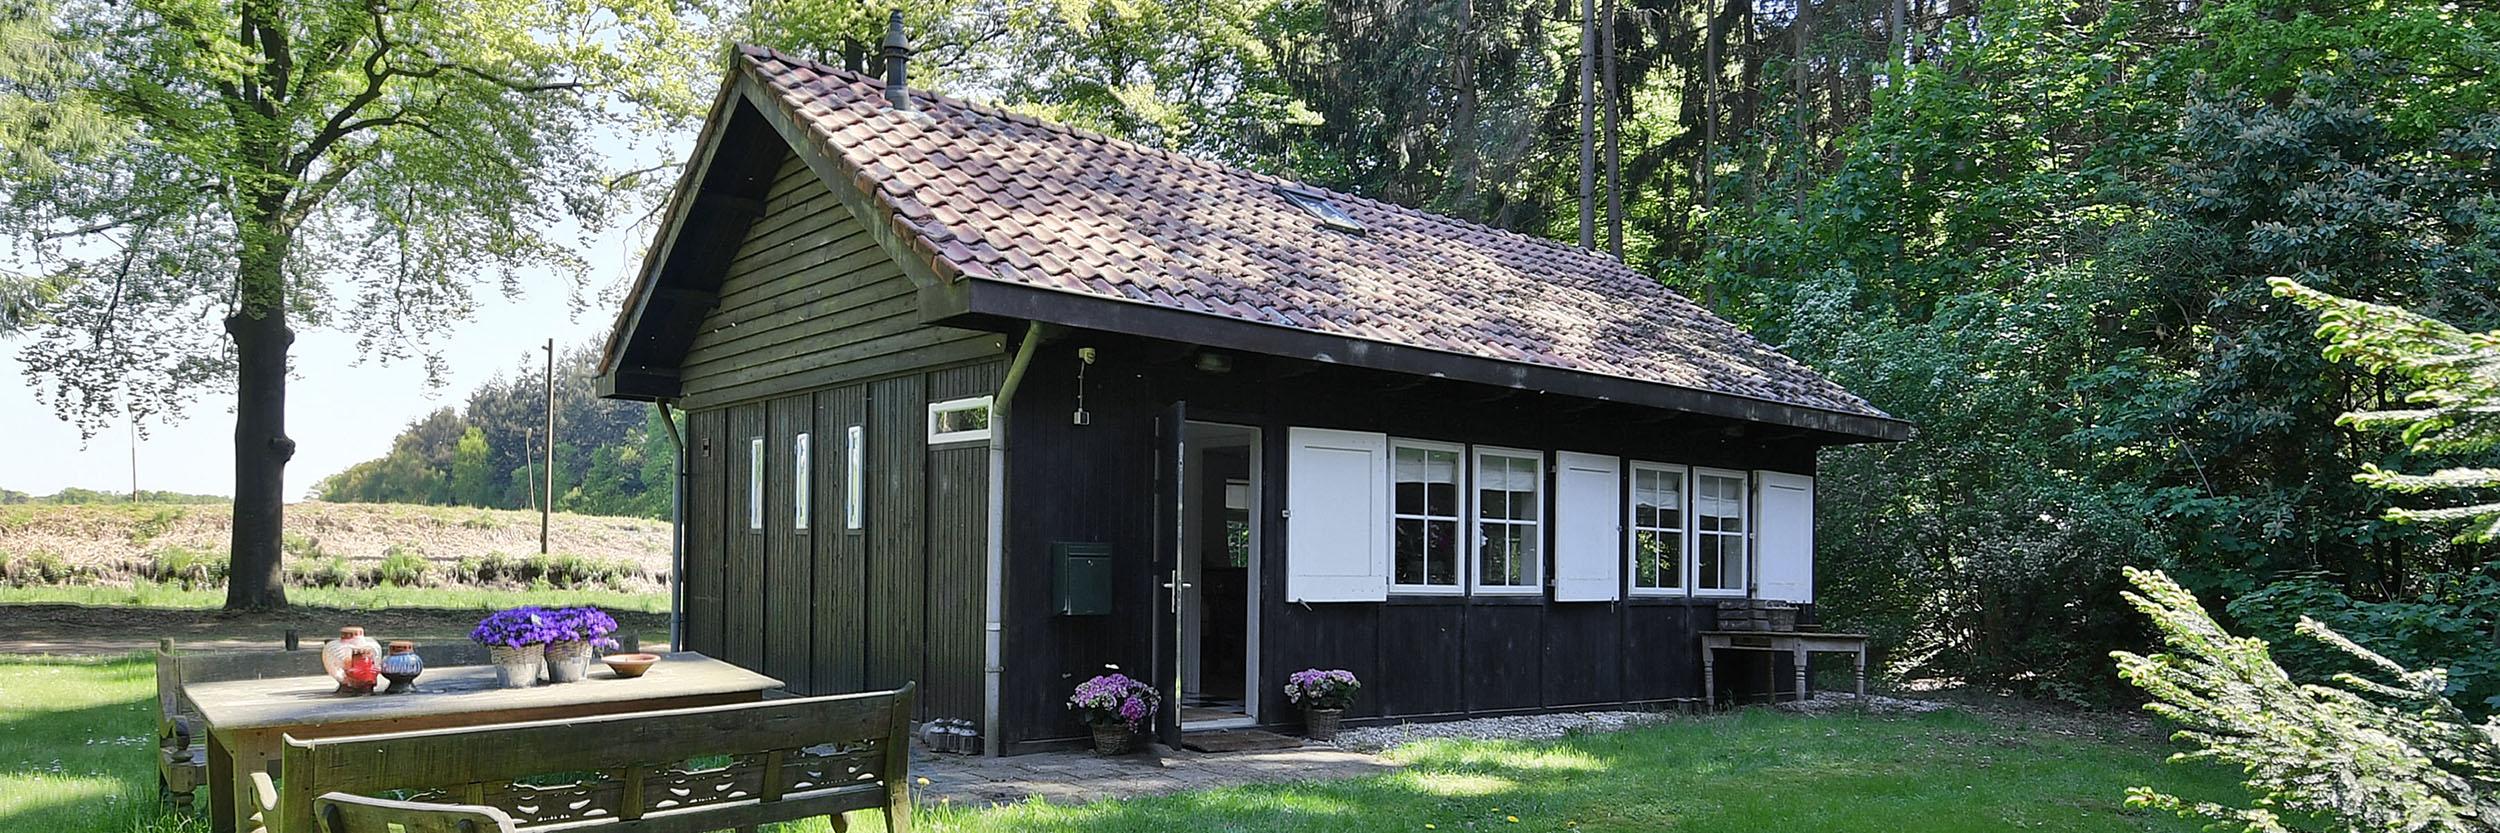 Vakantiehuis De Berk